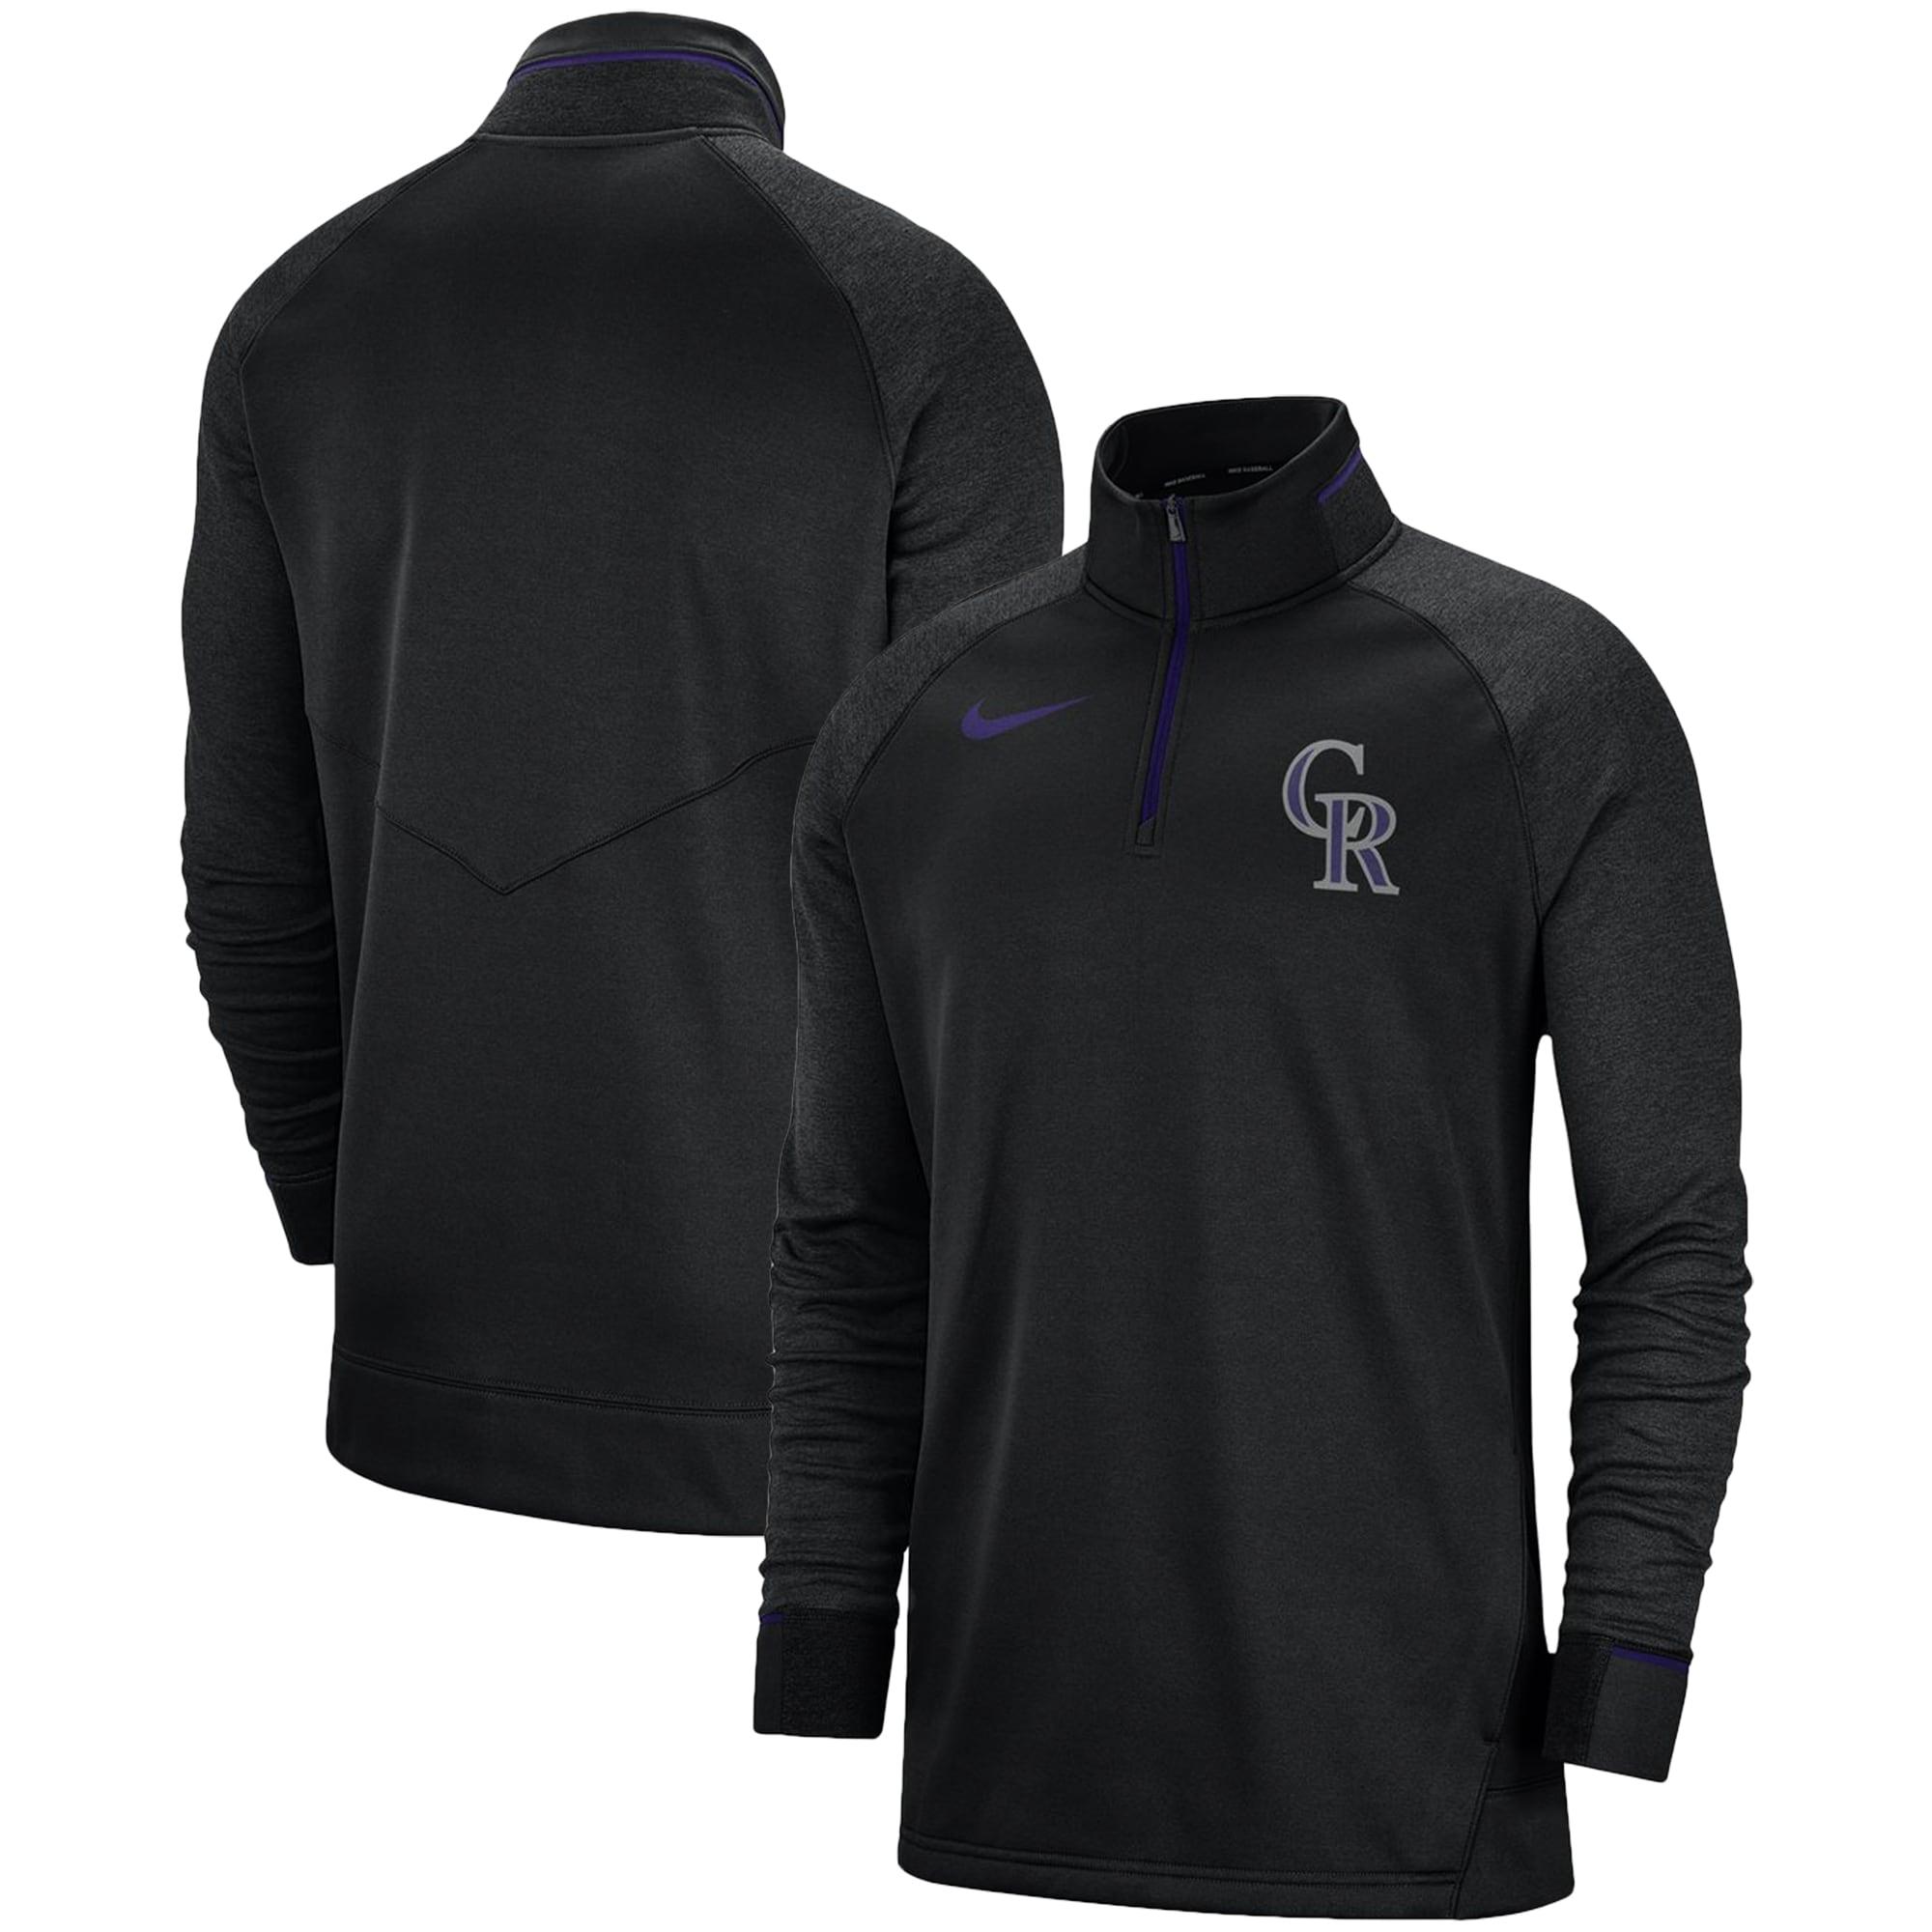 Colorado Rockies Nike Elite Game Performance Raglan Sleeve Quarter-Zip Pullover Jacket - Black